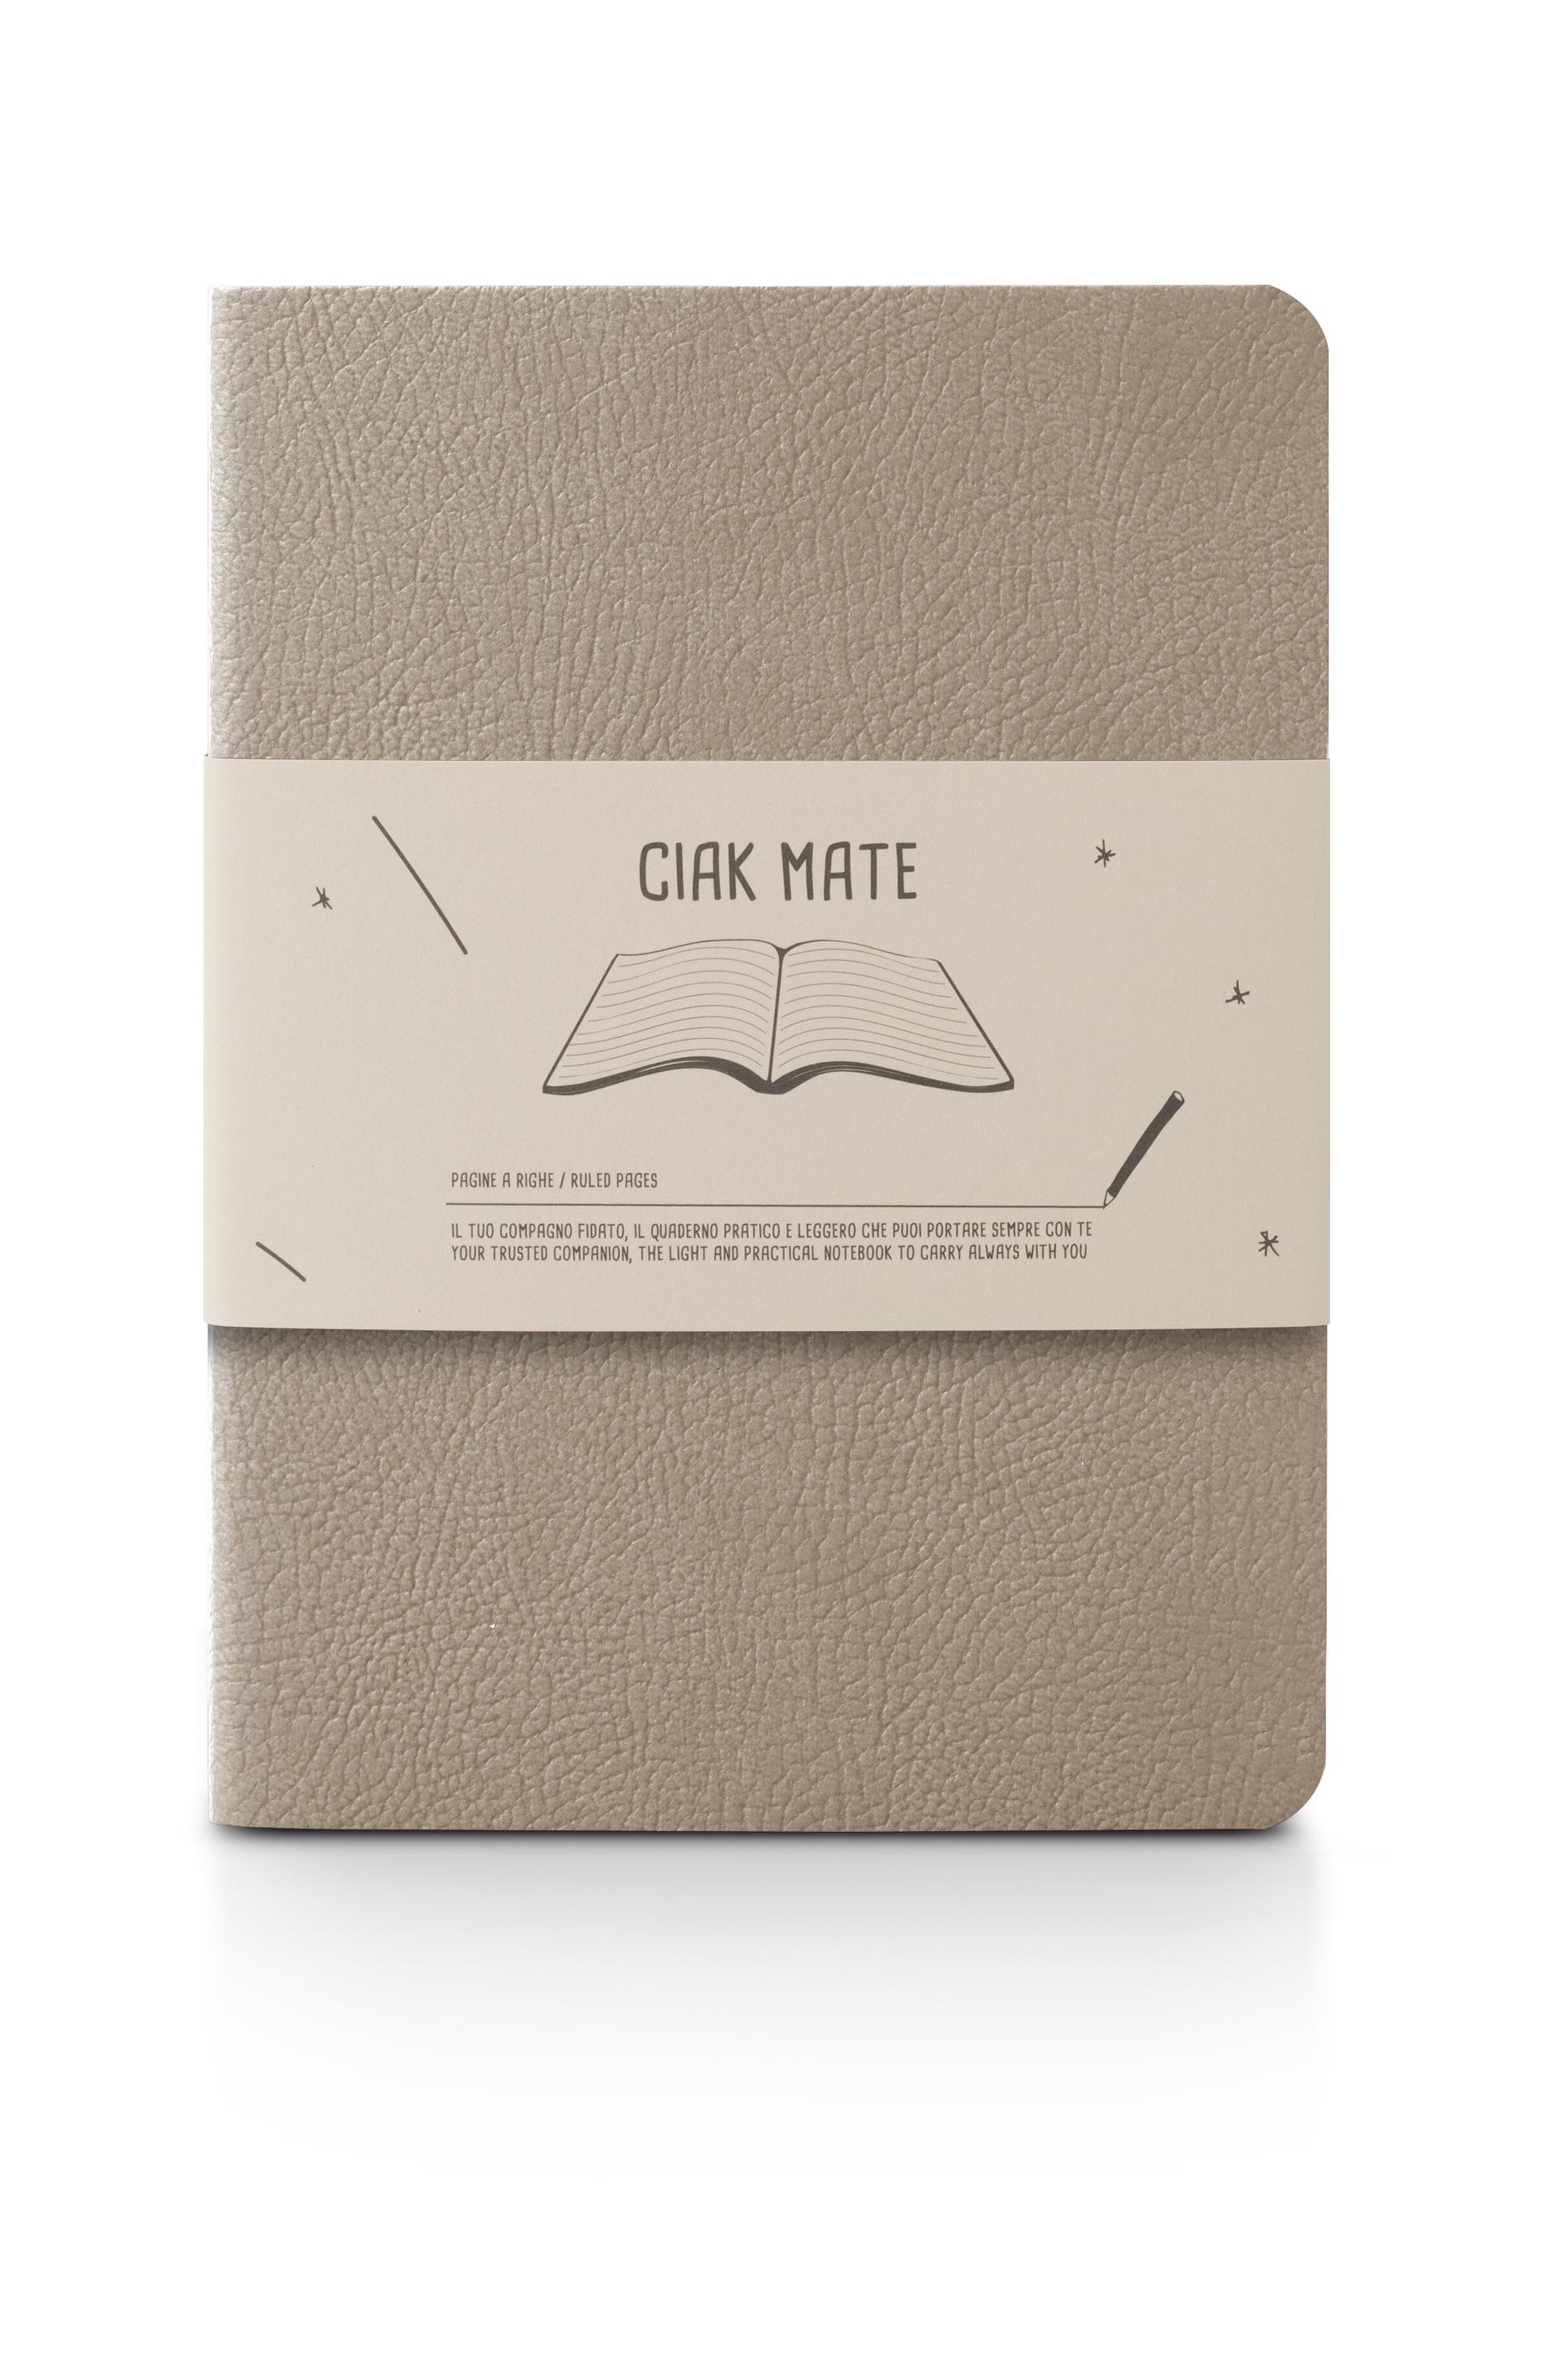 8171CKM27 - Ciak MATE Soft Cover Slim Notebook